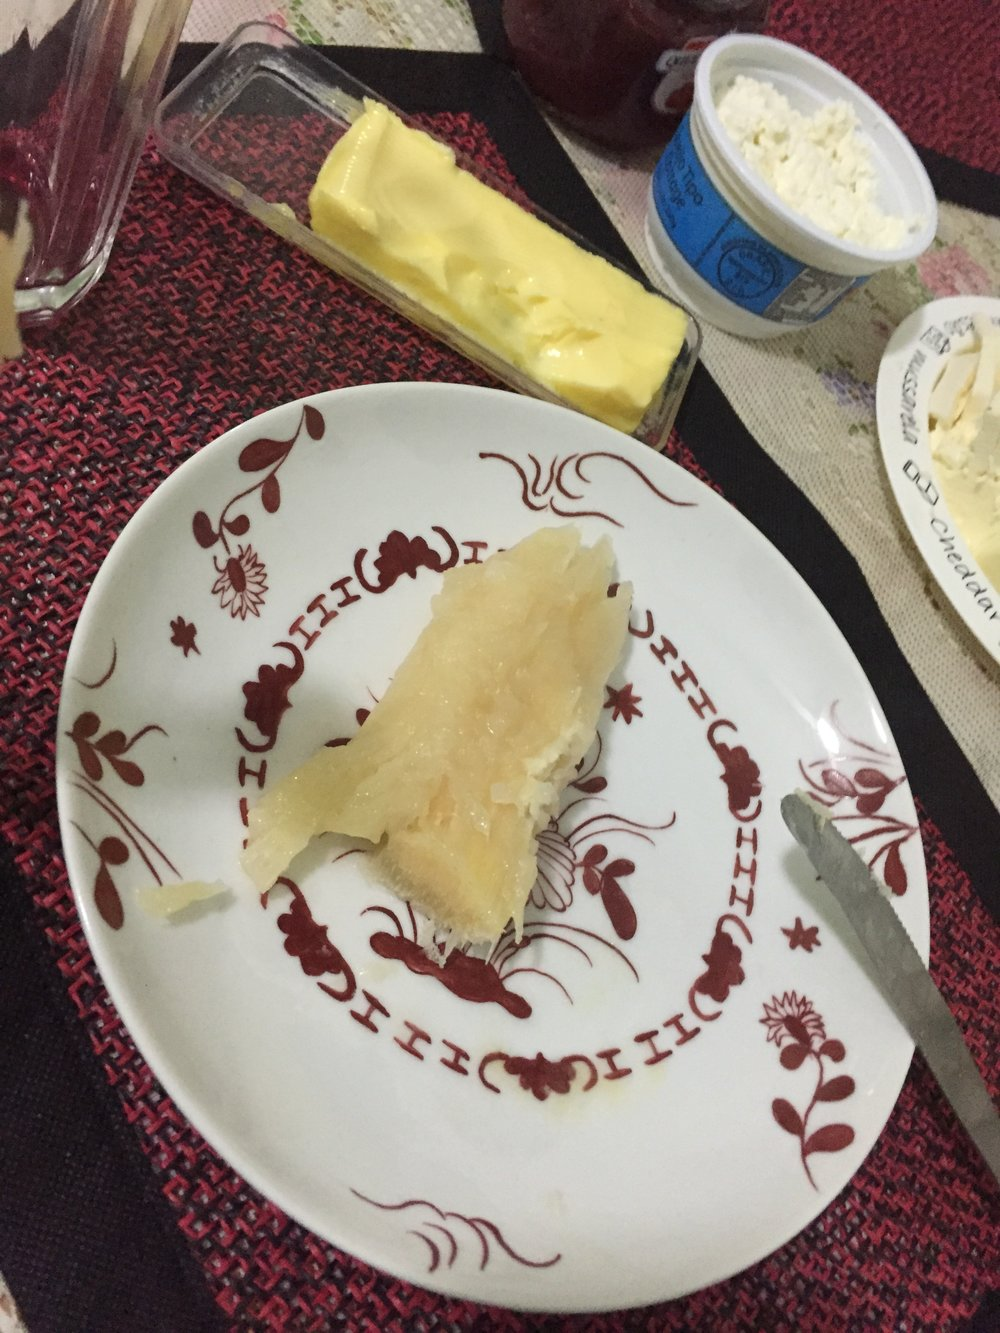 أكلة برازيلية تدعى مانيوكا